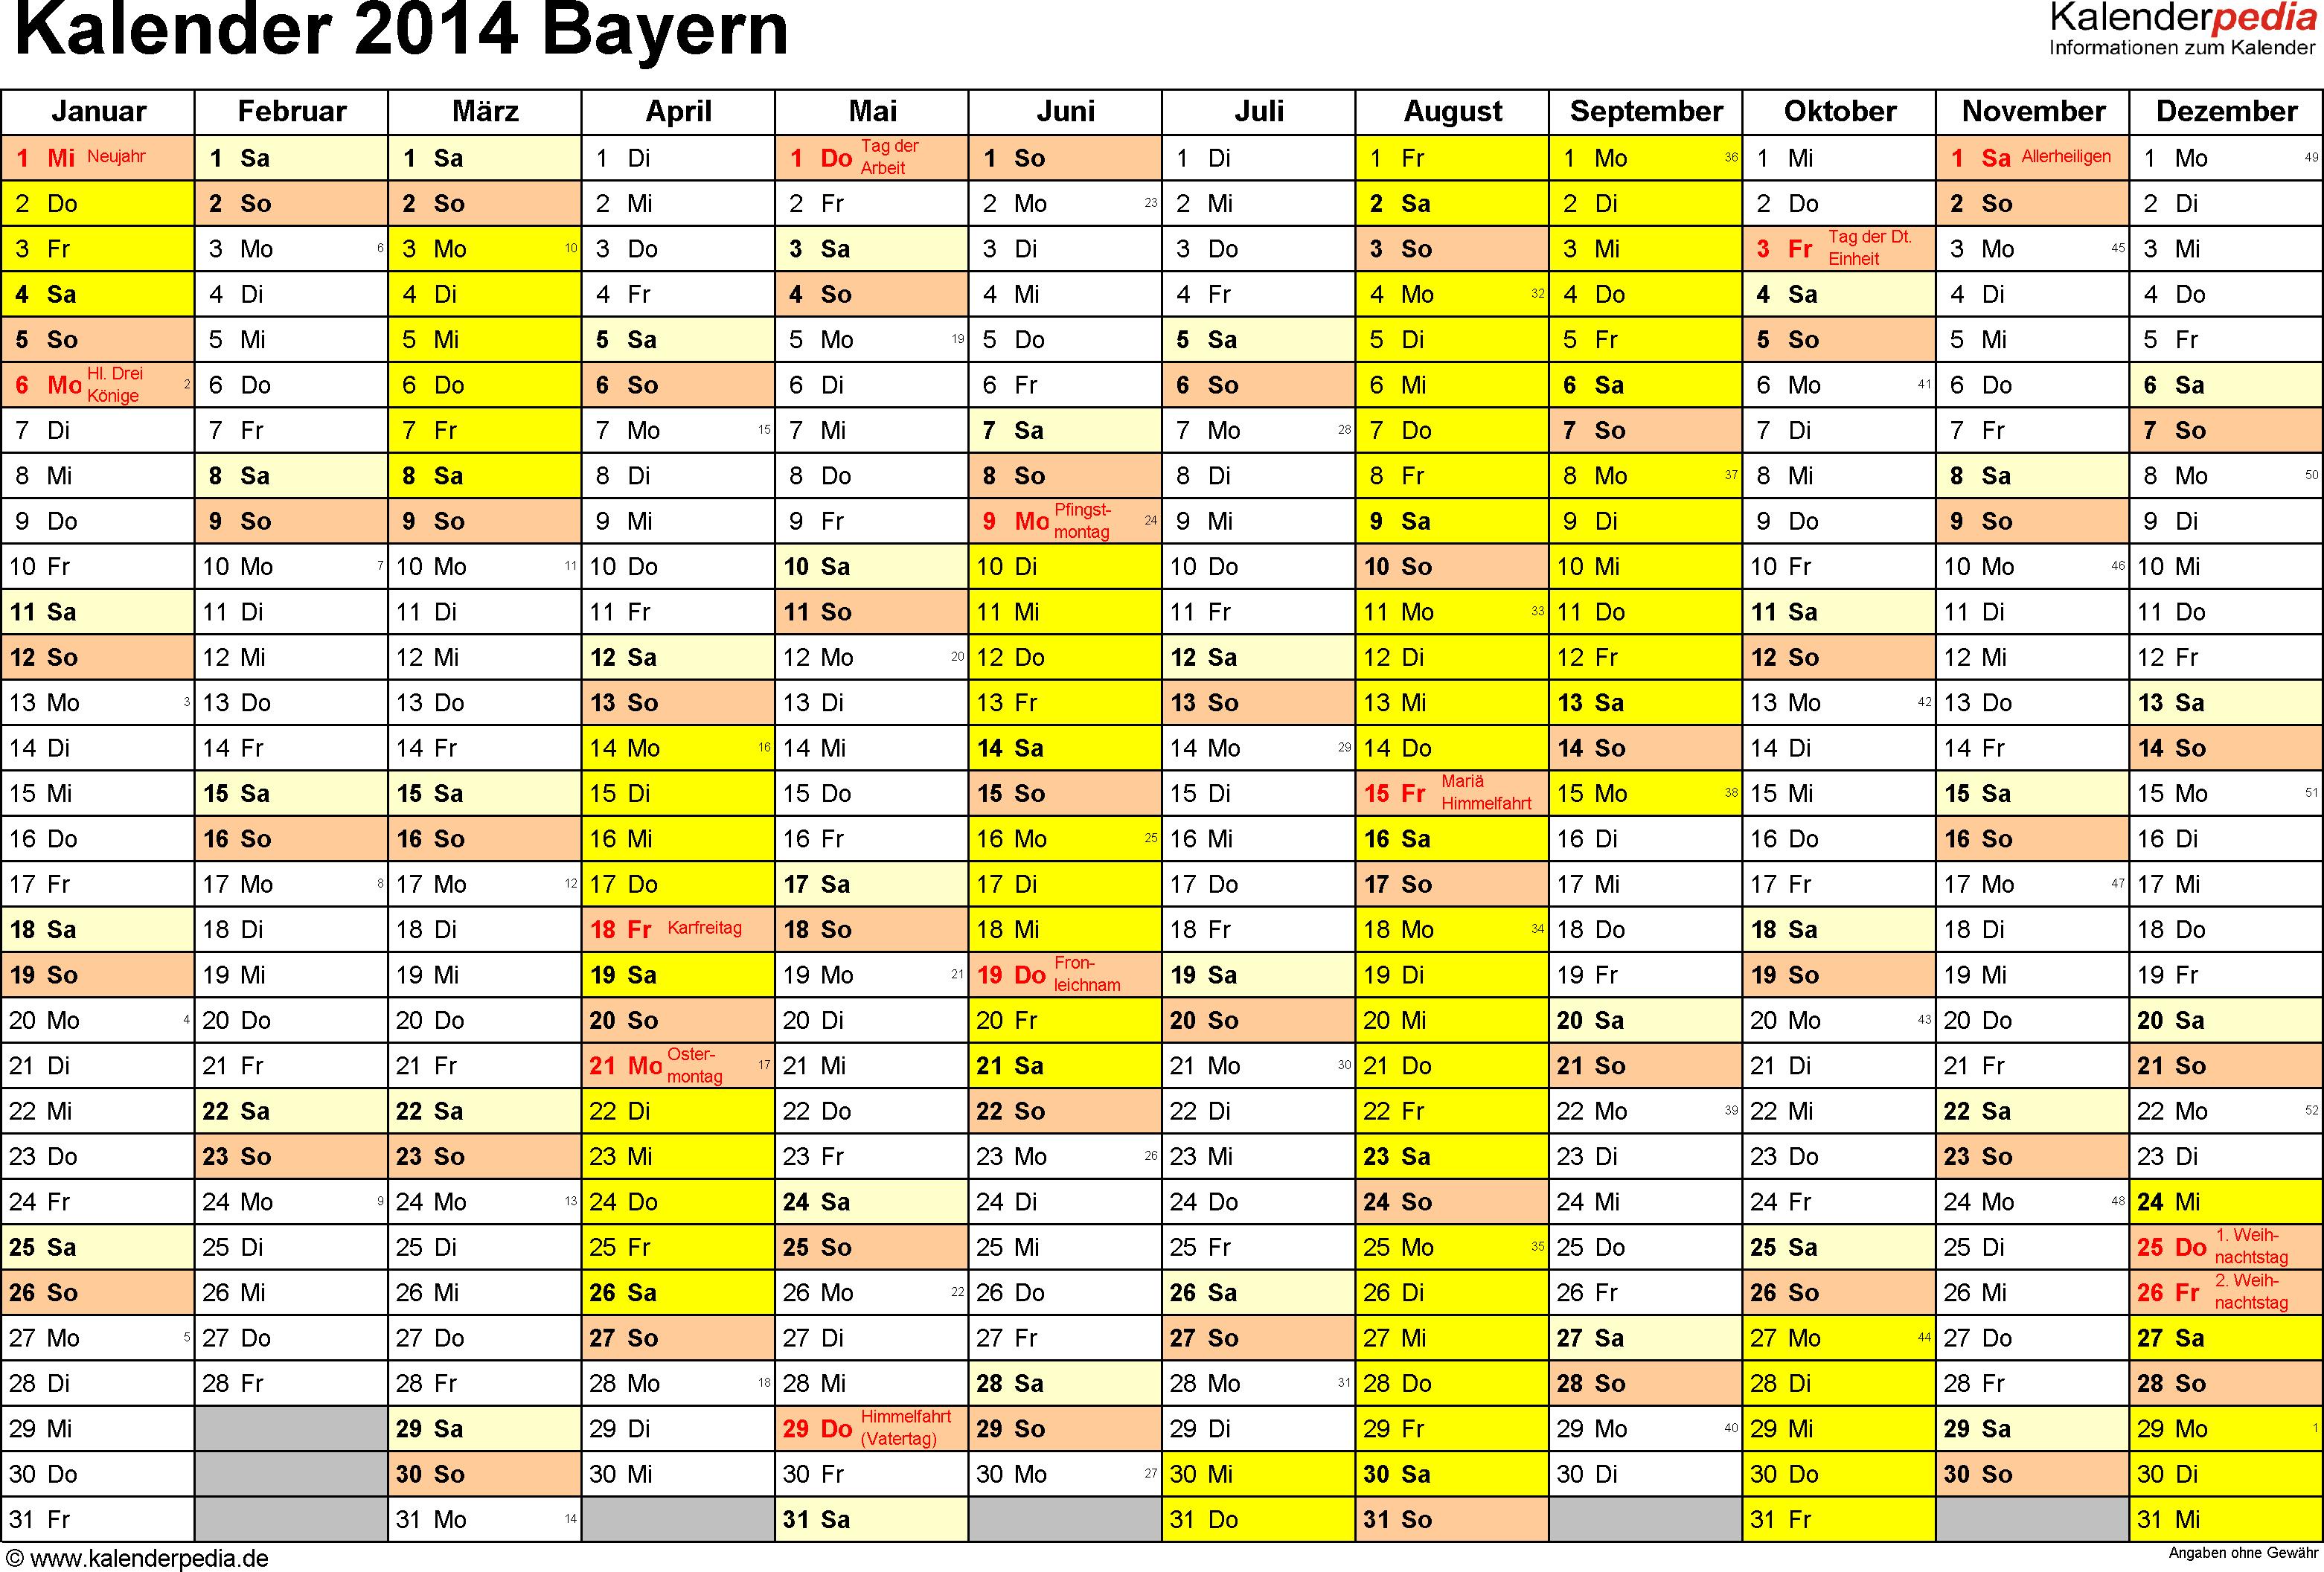 Vorlage 1: Kalender 2014 für Bayern als Excel-Vorlage (Querformat, 1 Seite)